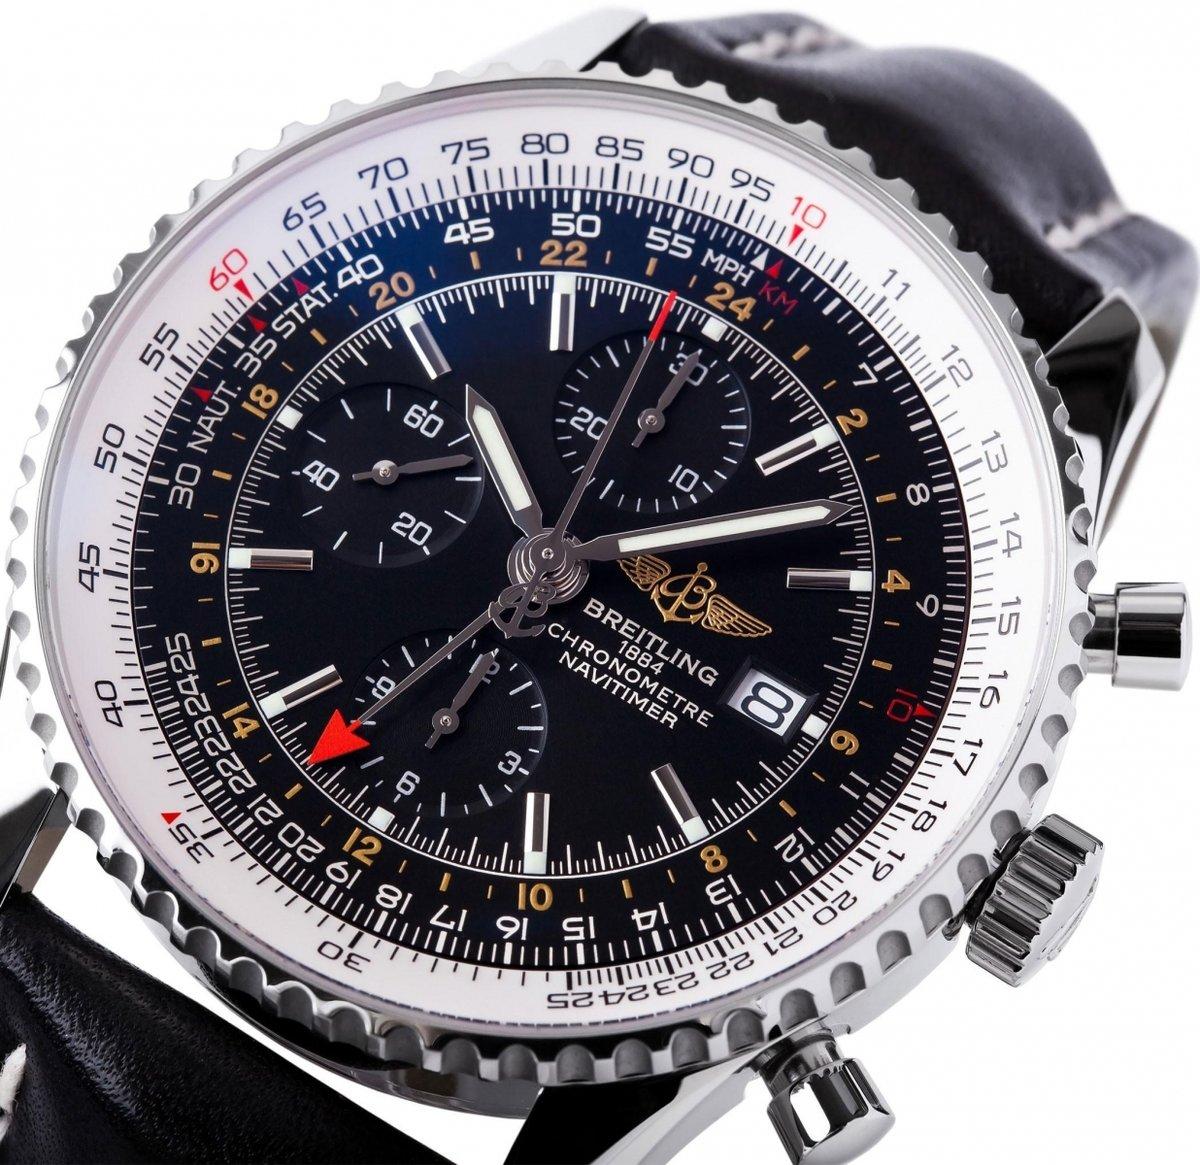 Изделие с красивым дизайном сразу стало популярным среди ценителей дорогостоящих часов, считаясь вещью, которая приумножает престиж своего владельца.